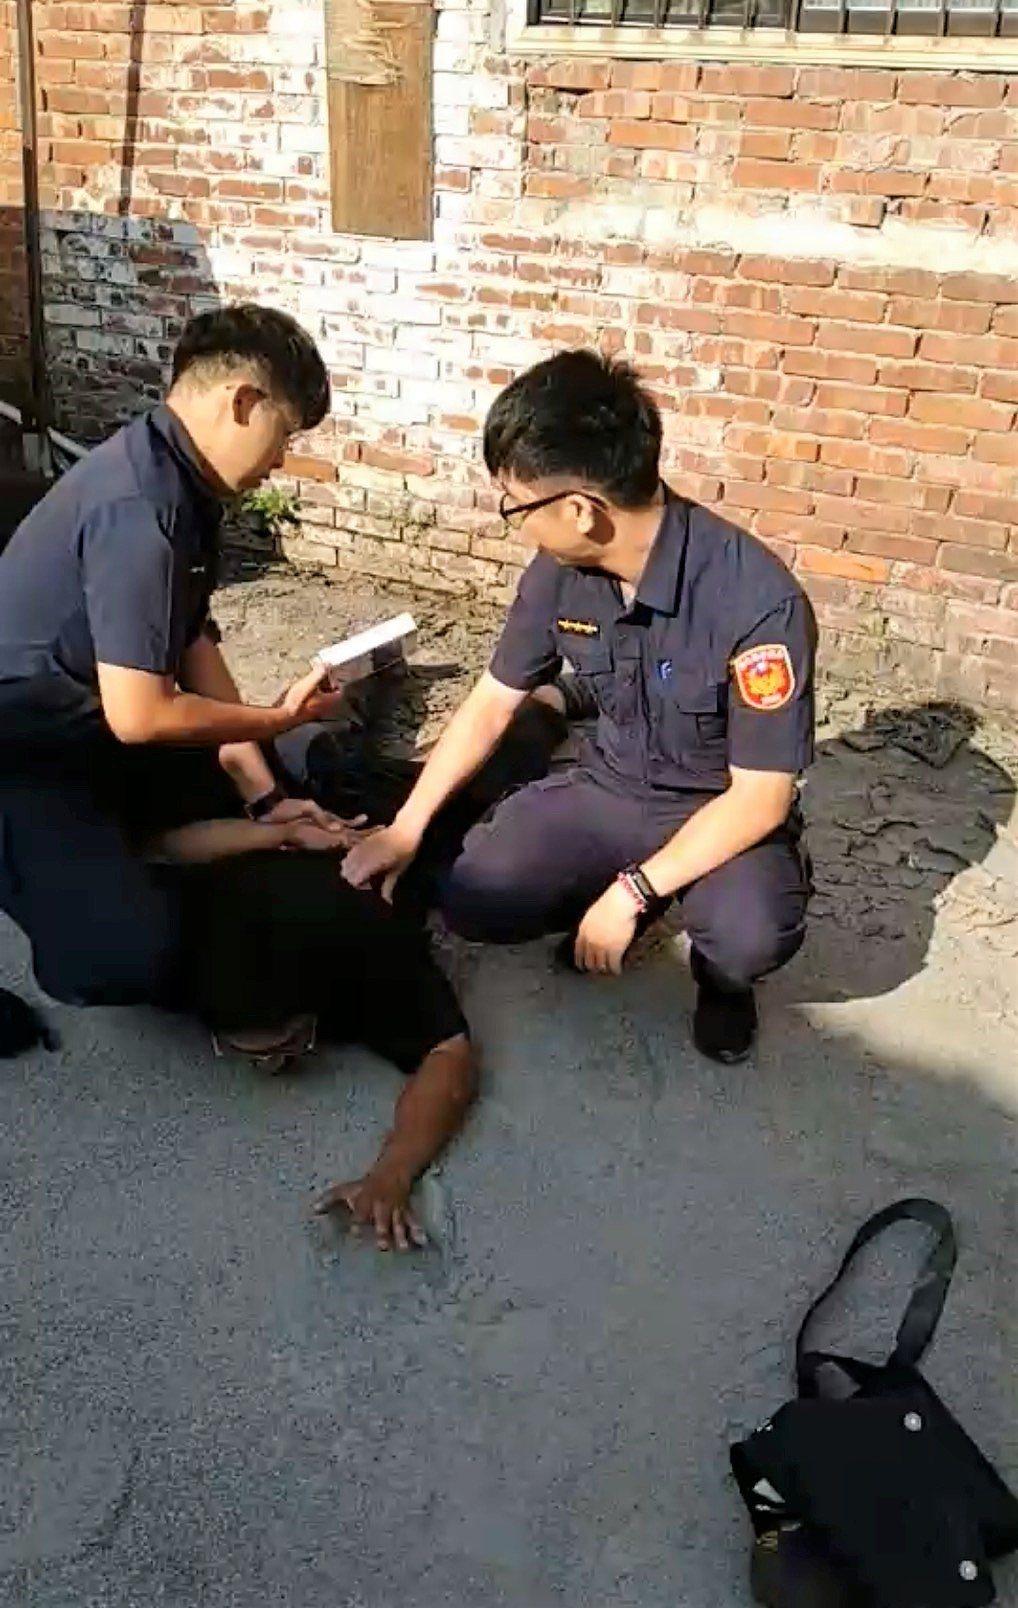 三名員警追捕竊車嫌犯,直接錯過好人好事警察表揚。記者凌筠婷/翻攝